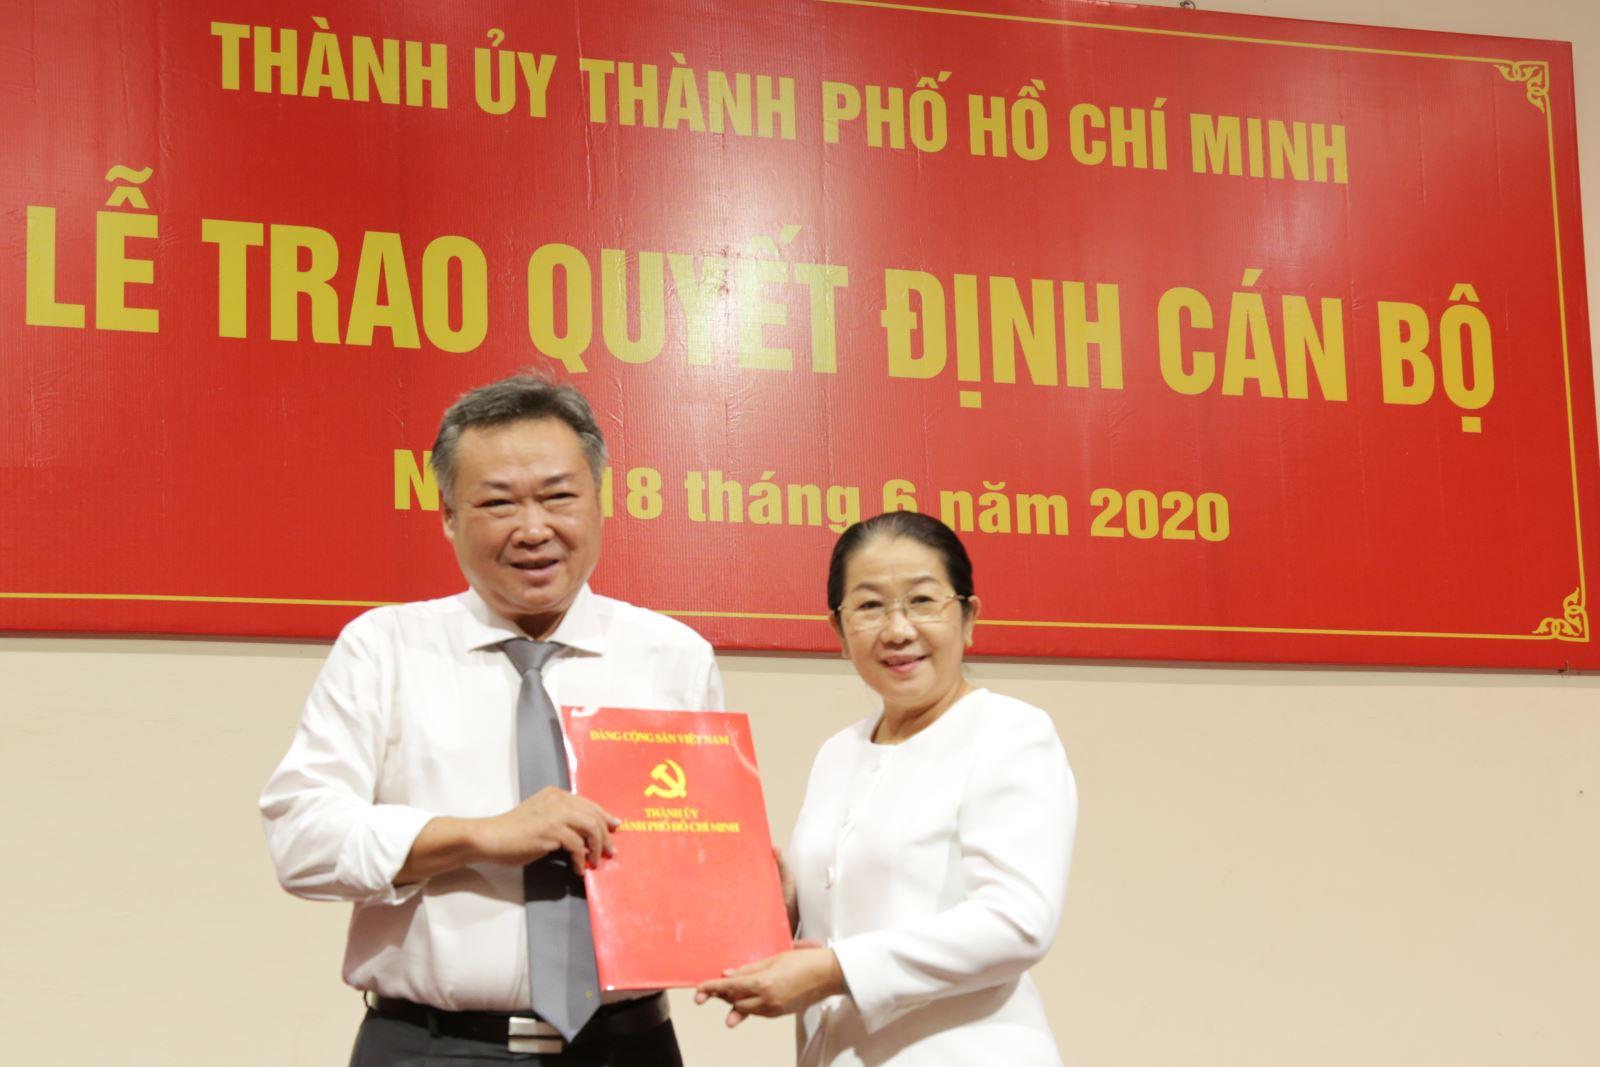 Đồng chí Phạm Quốc Bảo giữ chức Bí thư Đảng ủy TCT Điện lực TP Hồ Chí Minh